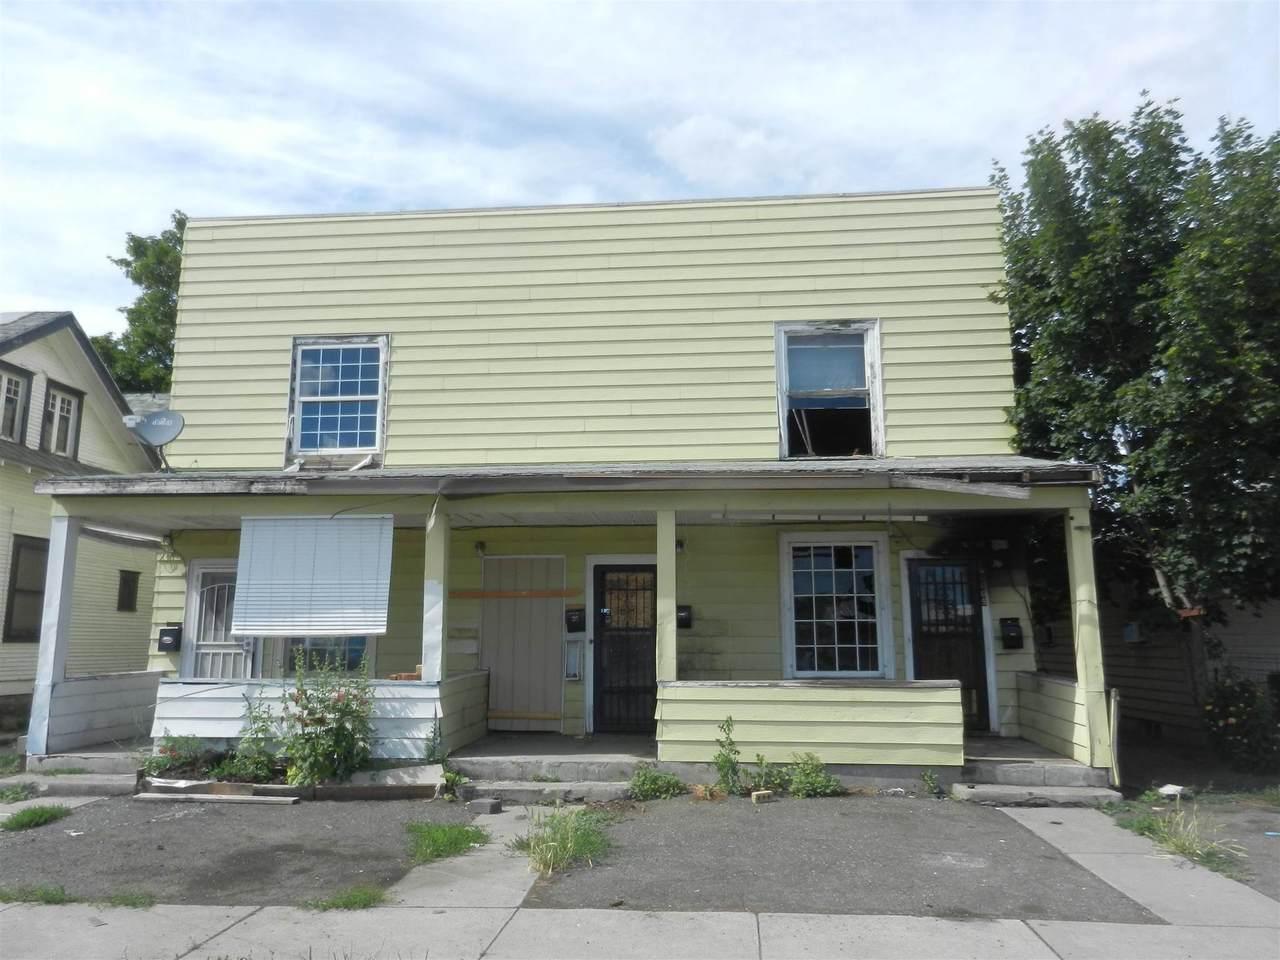 3005 E Broad Ave - Photo 1